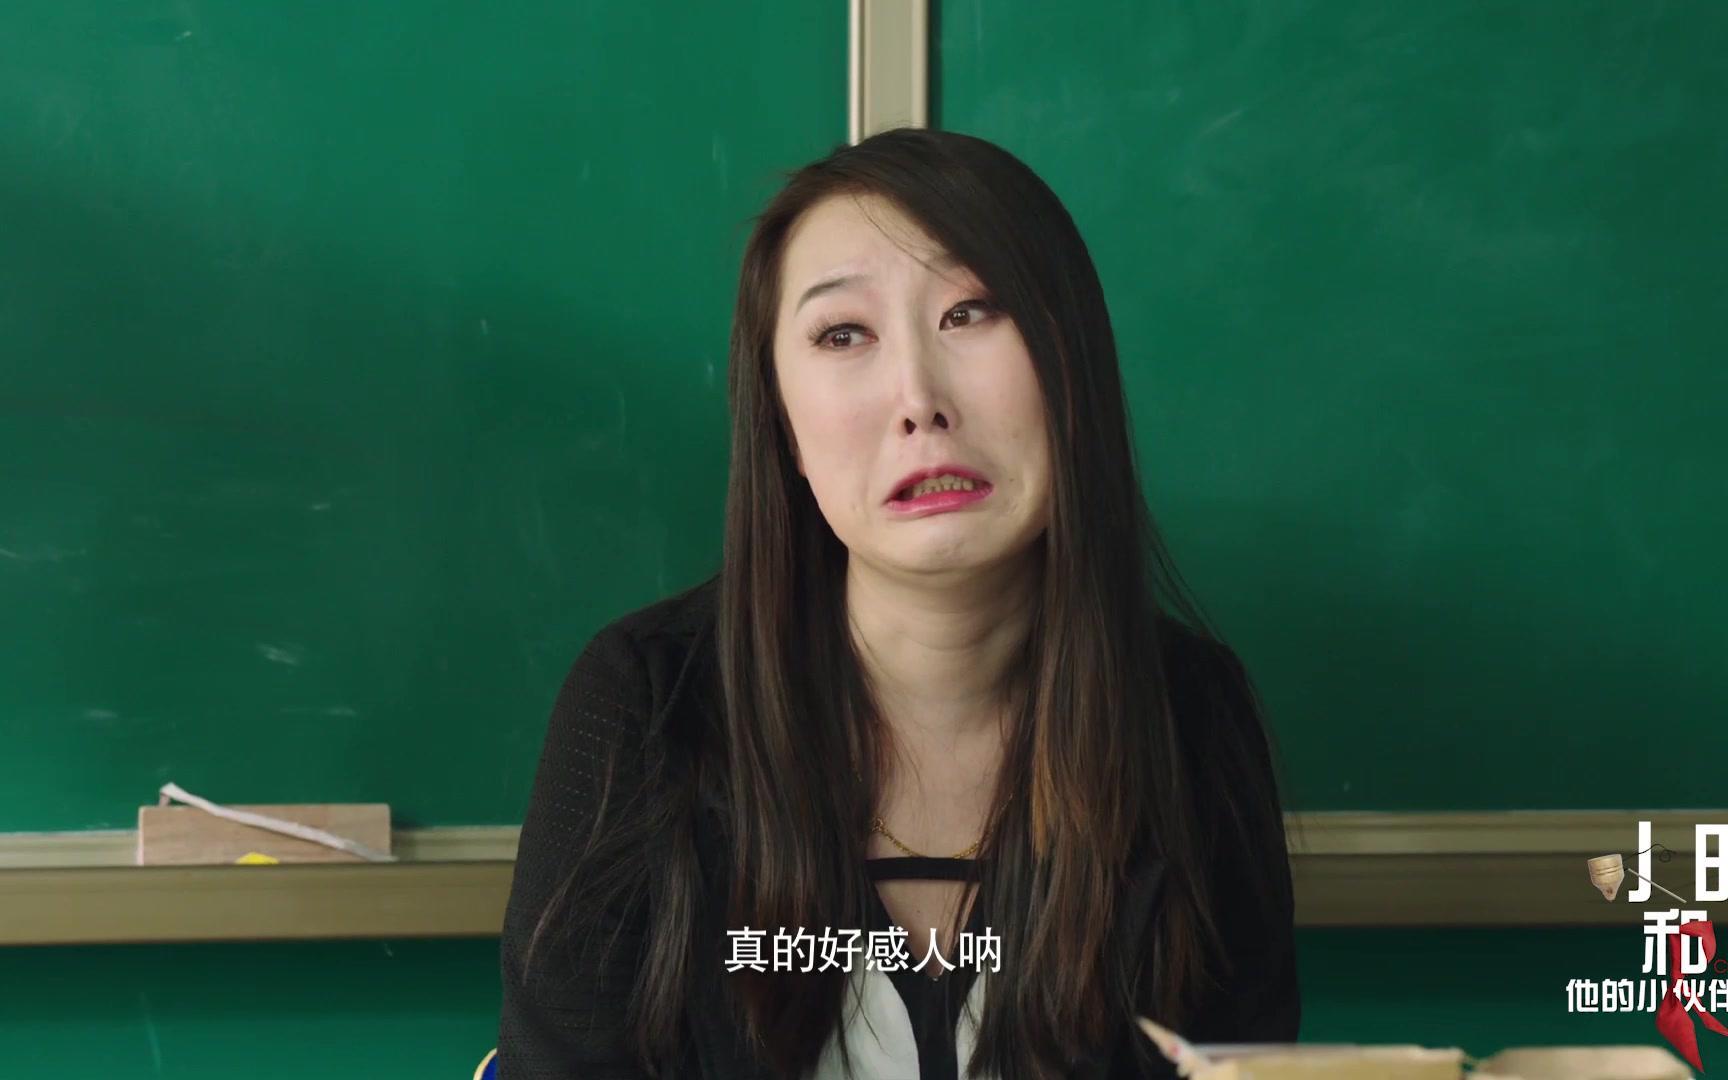 小学生说出这2人后老师很无语